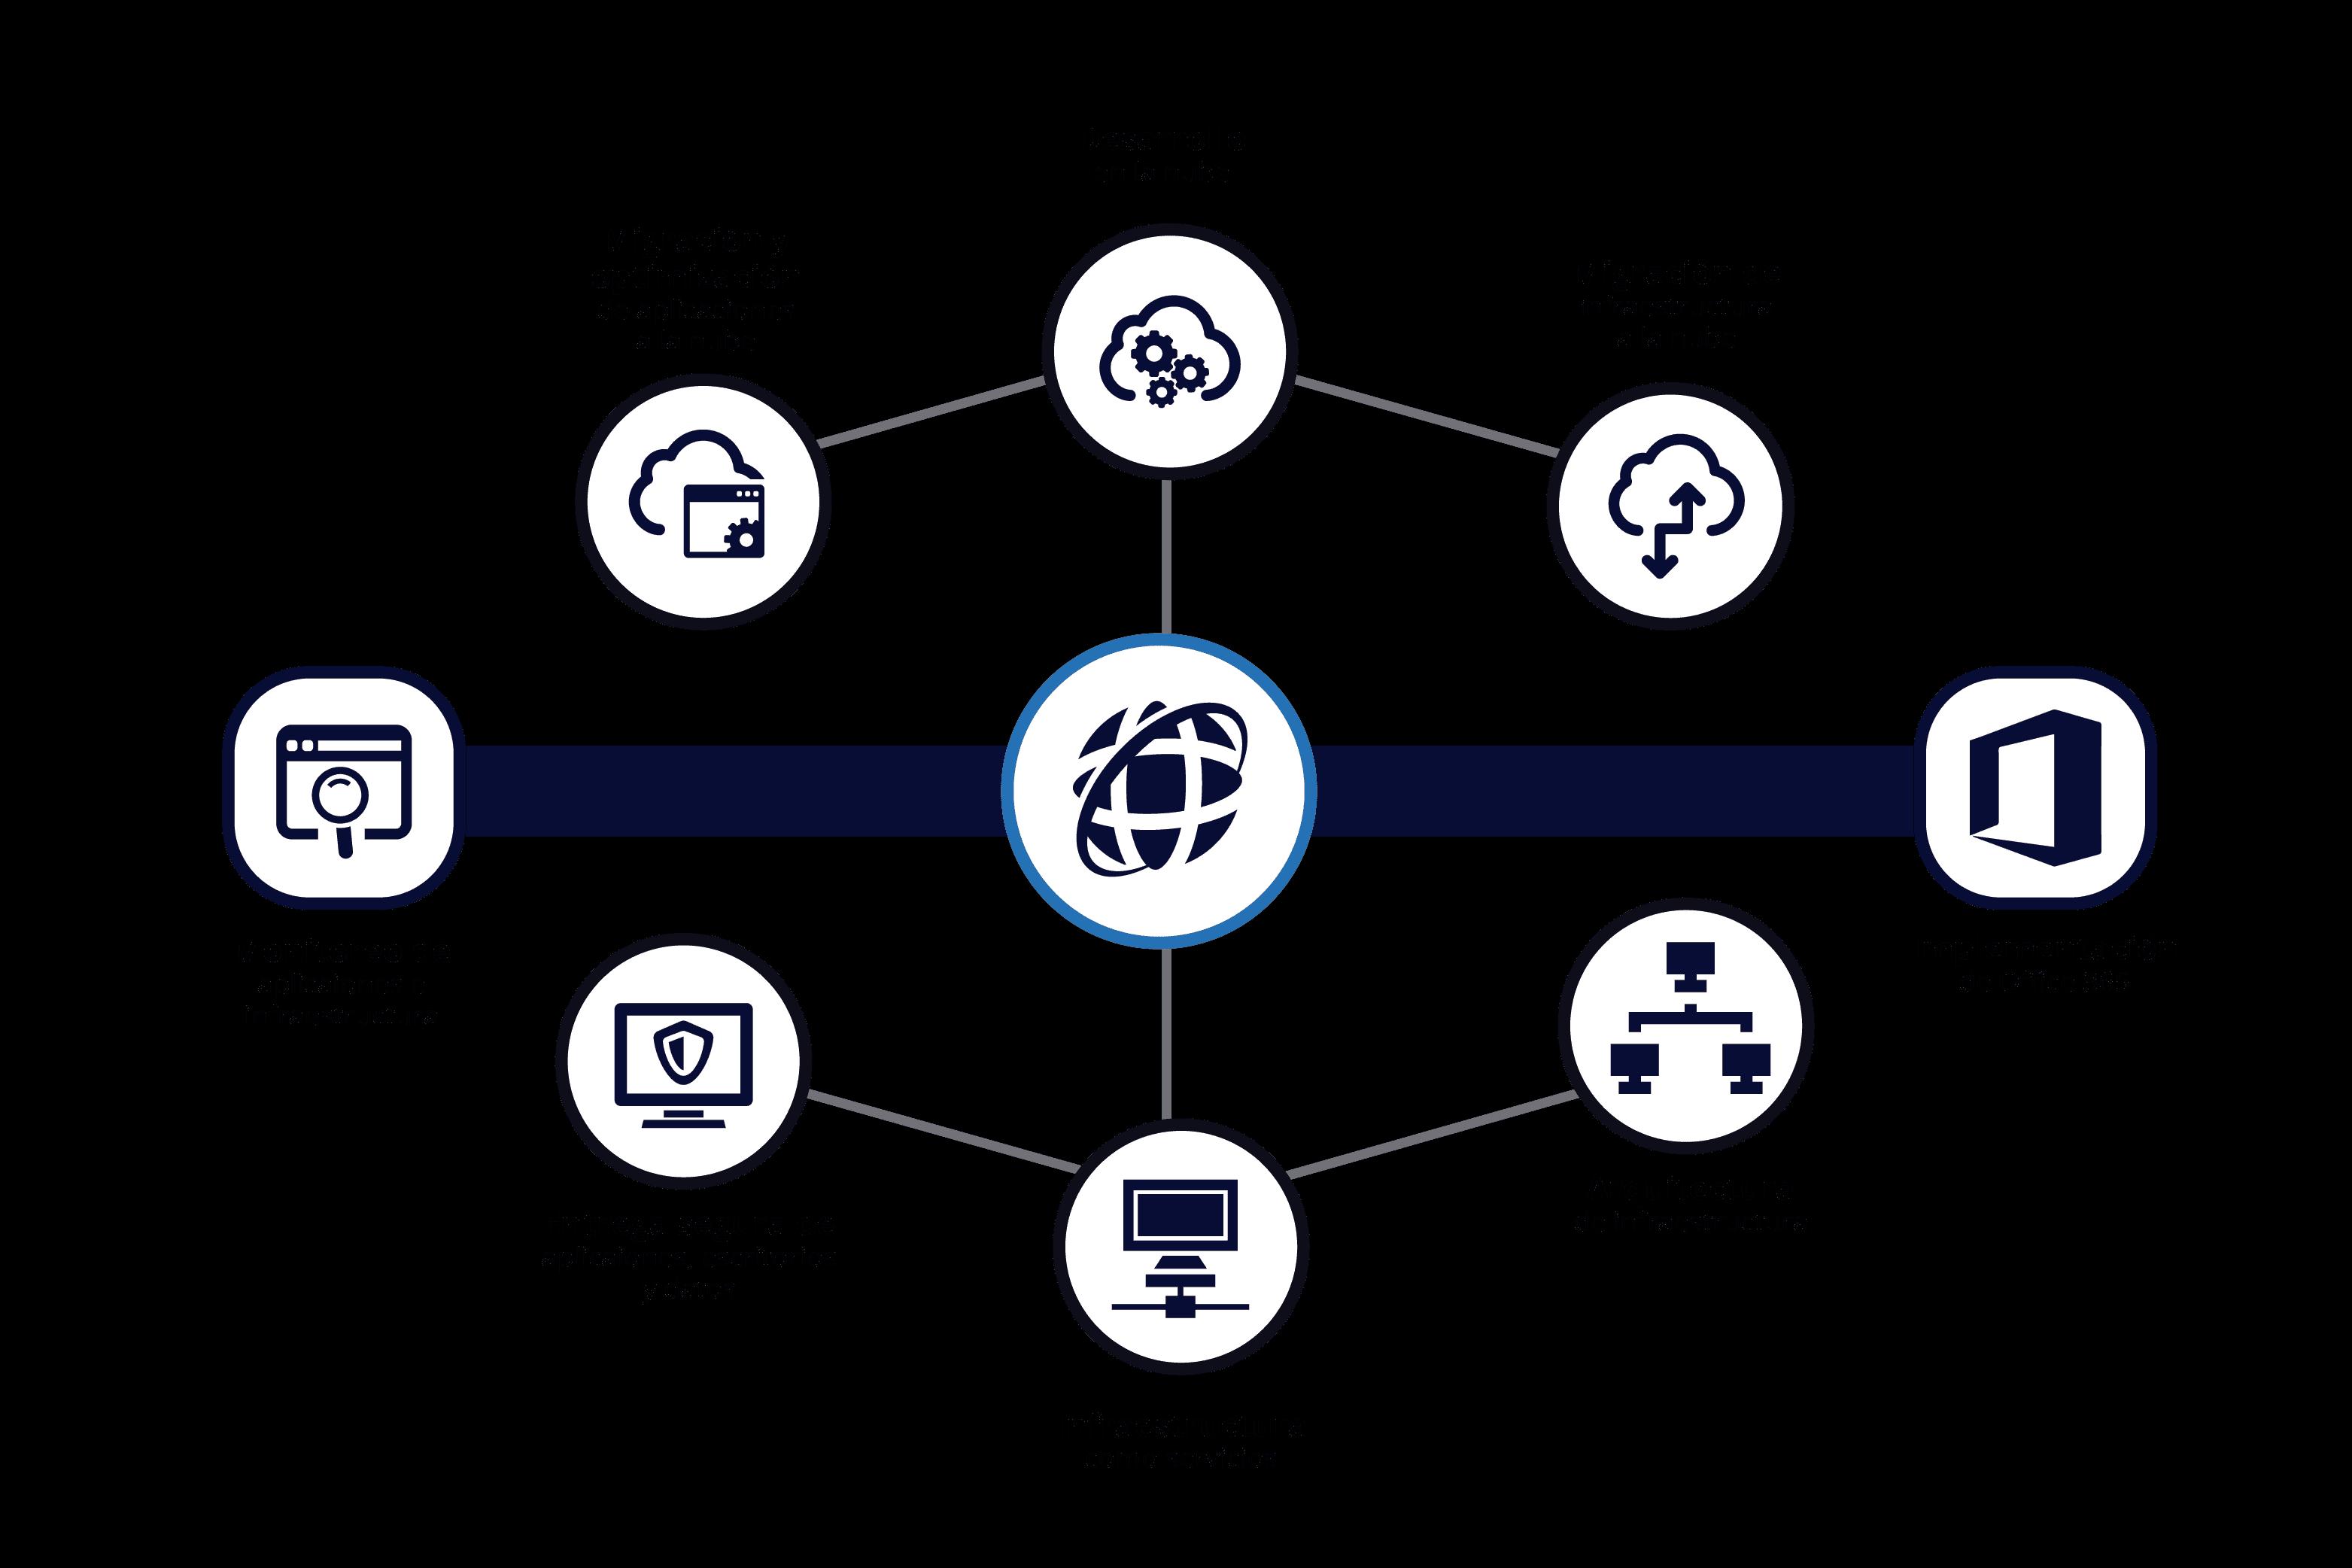 Diagrama_servicios-compressor.png